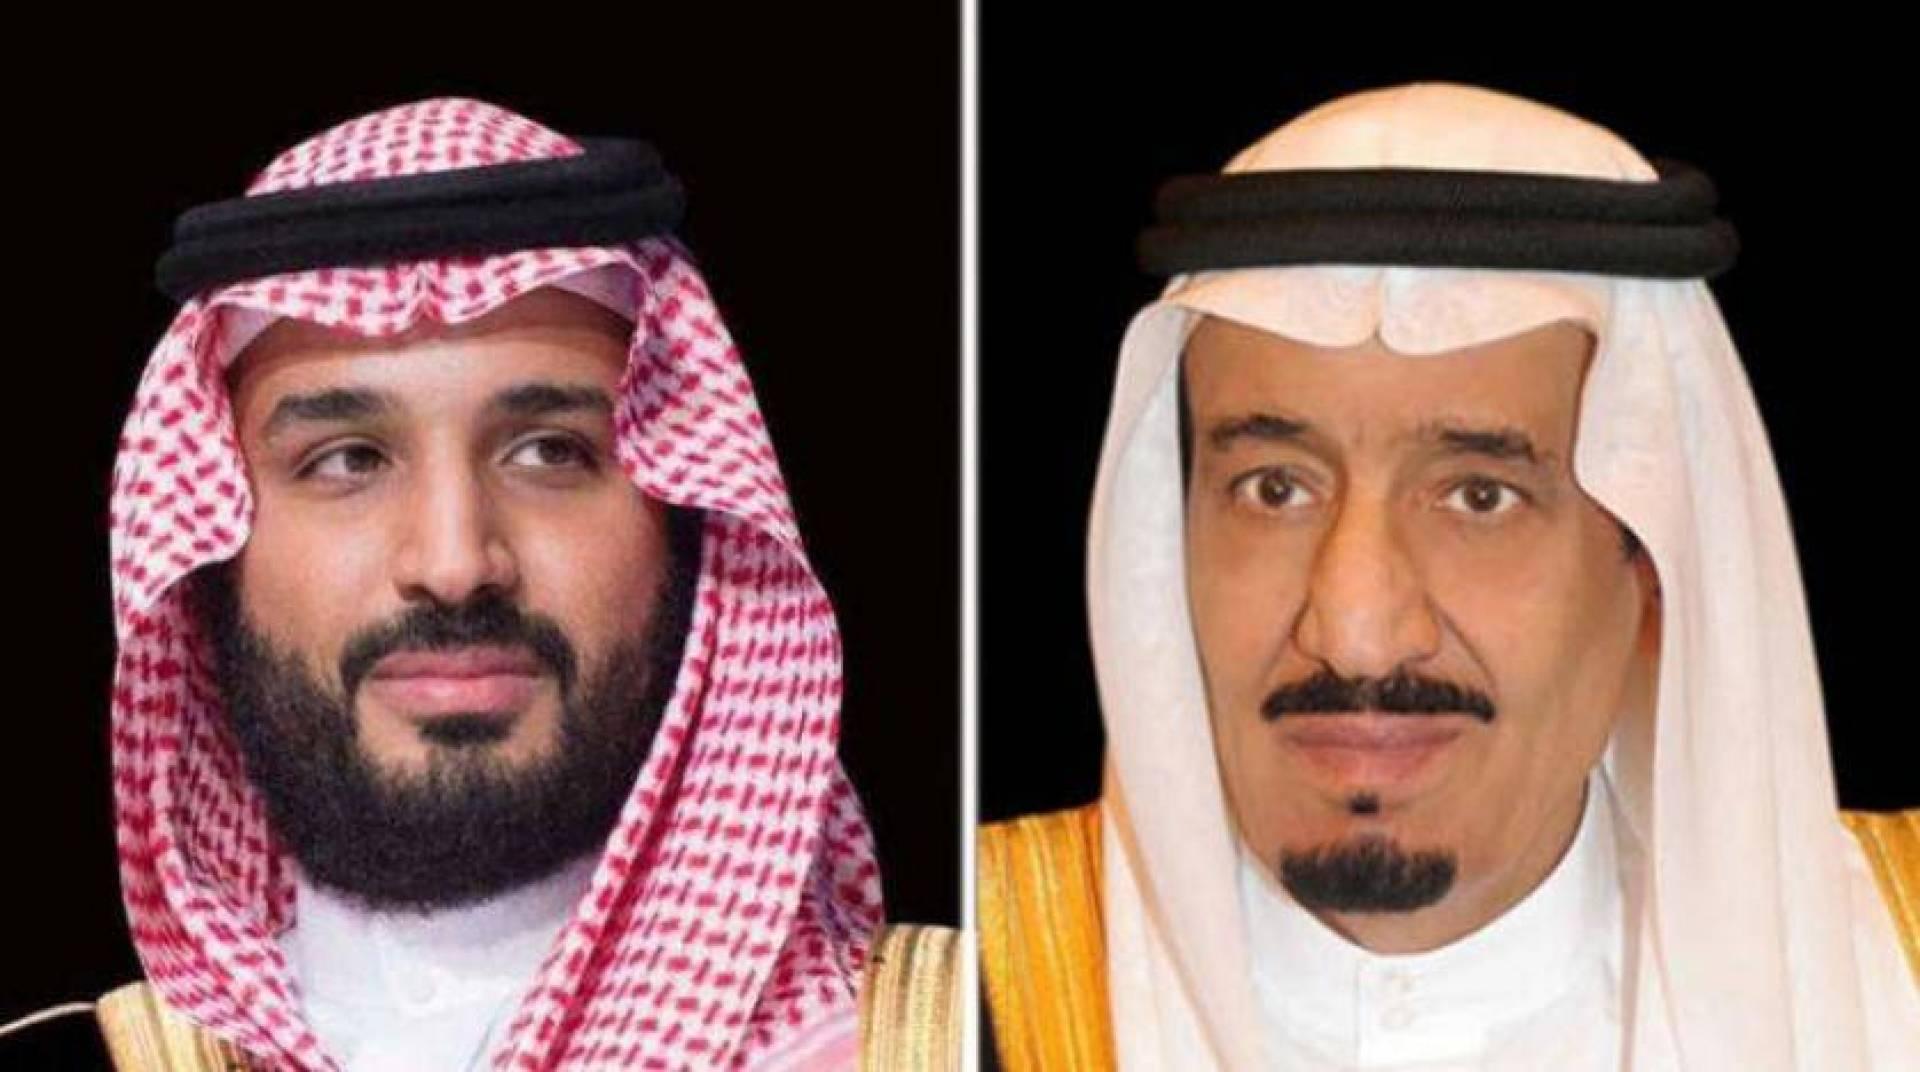 الملك سلمان وولي العهد يعزيان بوفاة السبسي